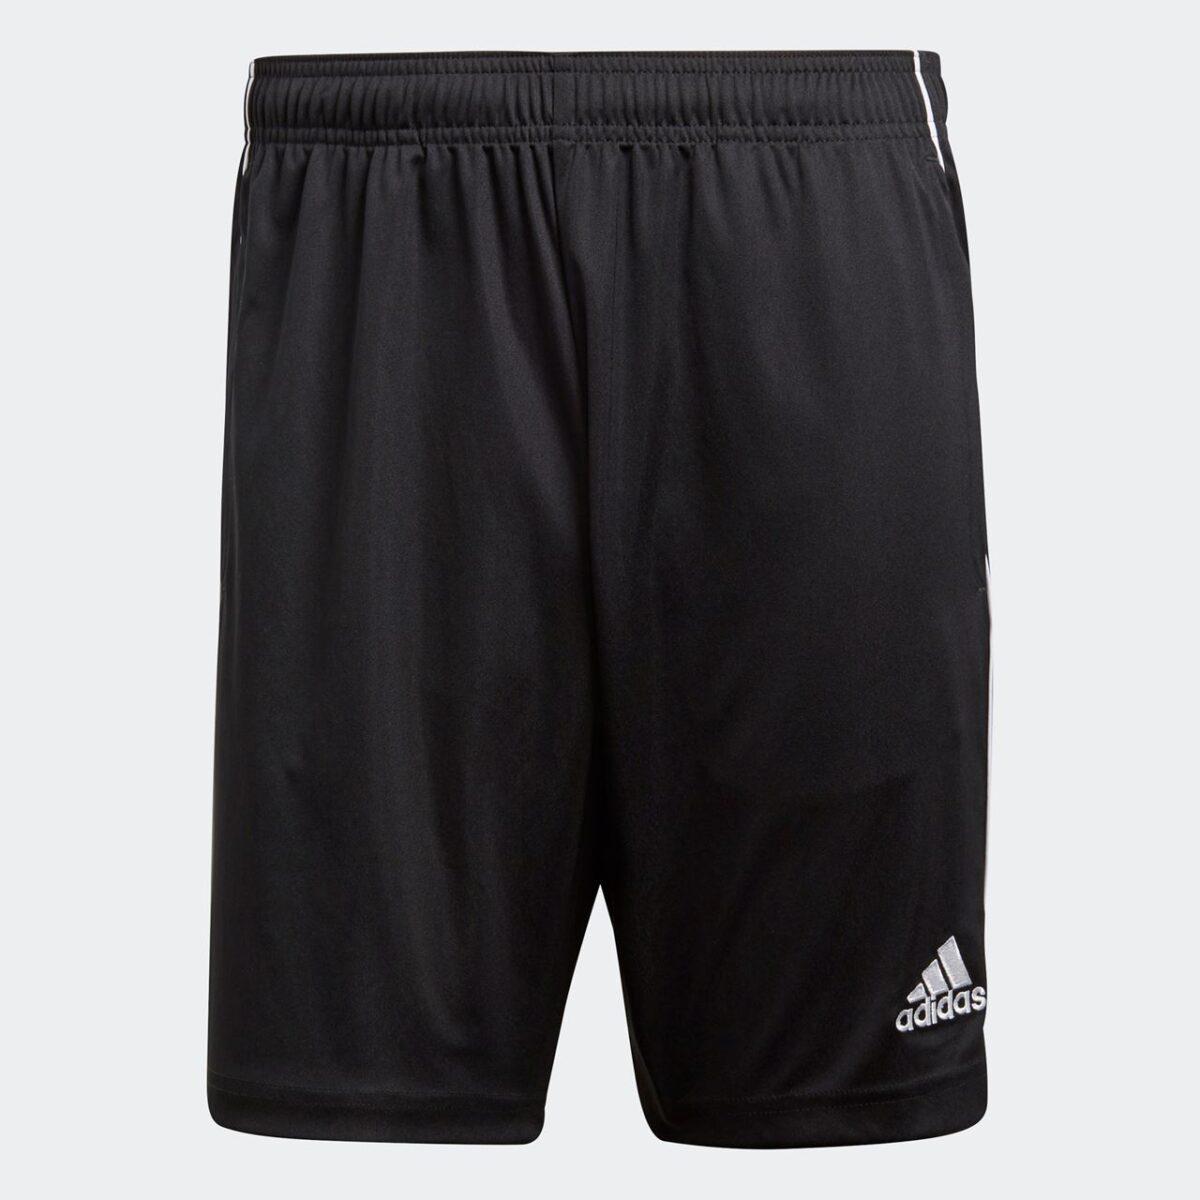 Adidas Core 18 Training Short Adult